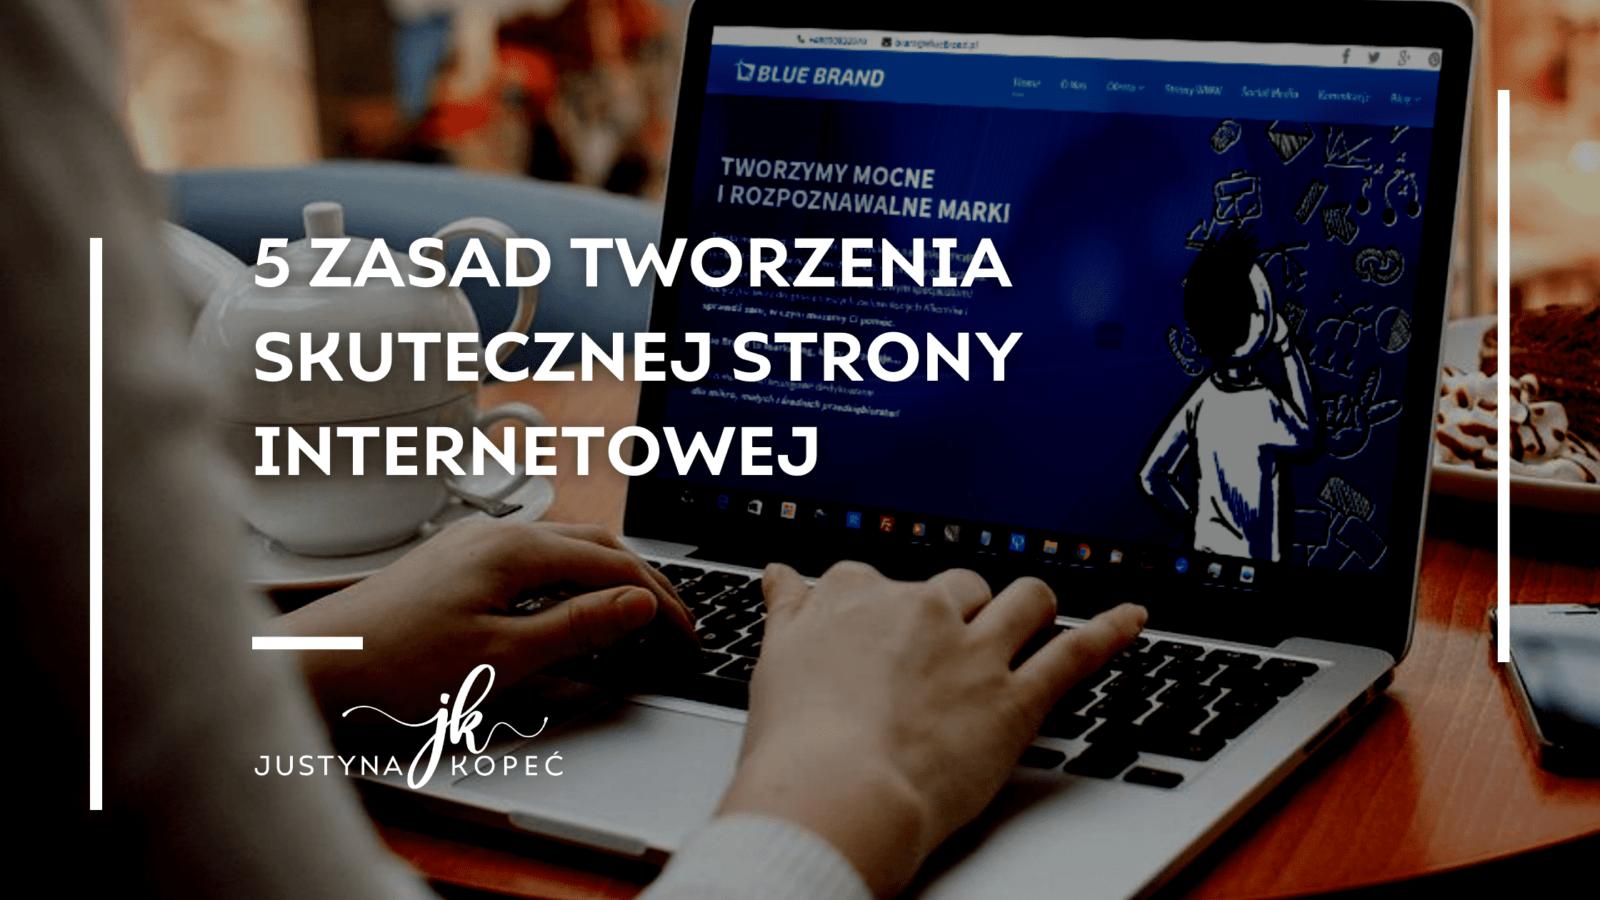 5 zasad tworzenia skutecznej strony internetowej Justyna Kopeć blog artykuł